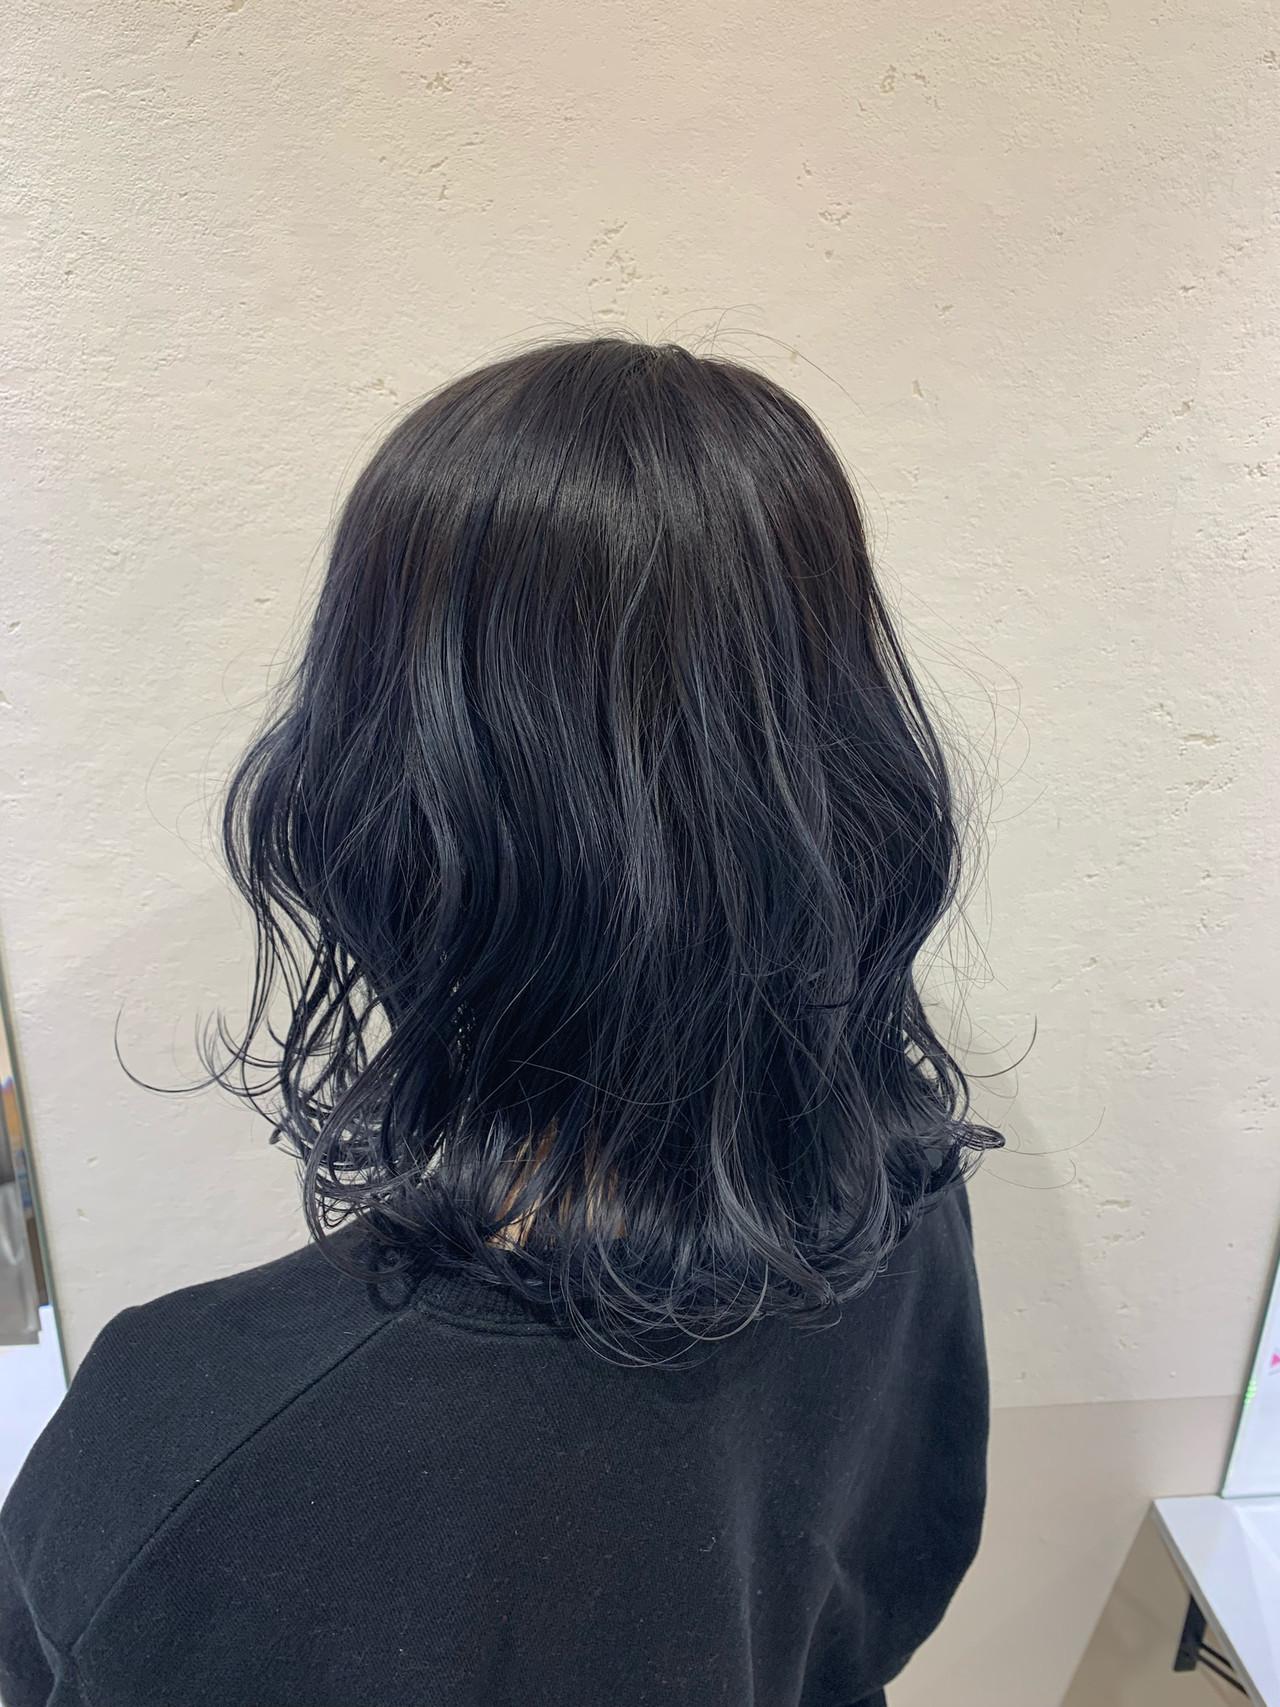 ダブルカラー ミディアム ストリート ブルーブラック ヘアスタイルや髪型の写真・画像